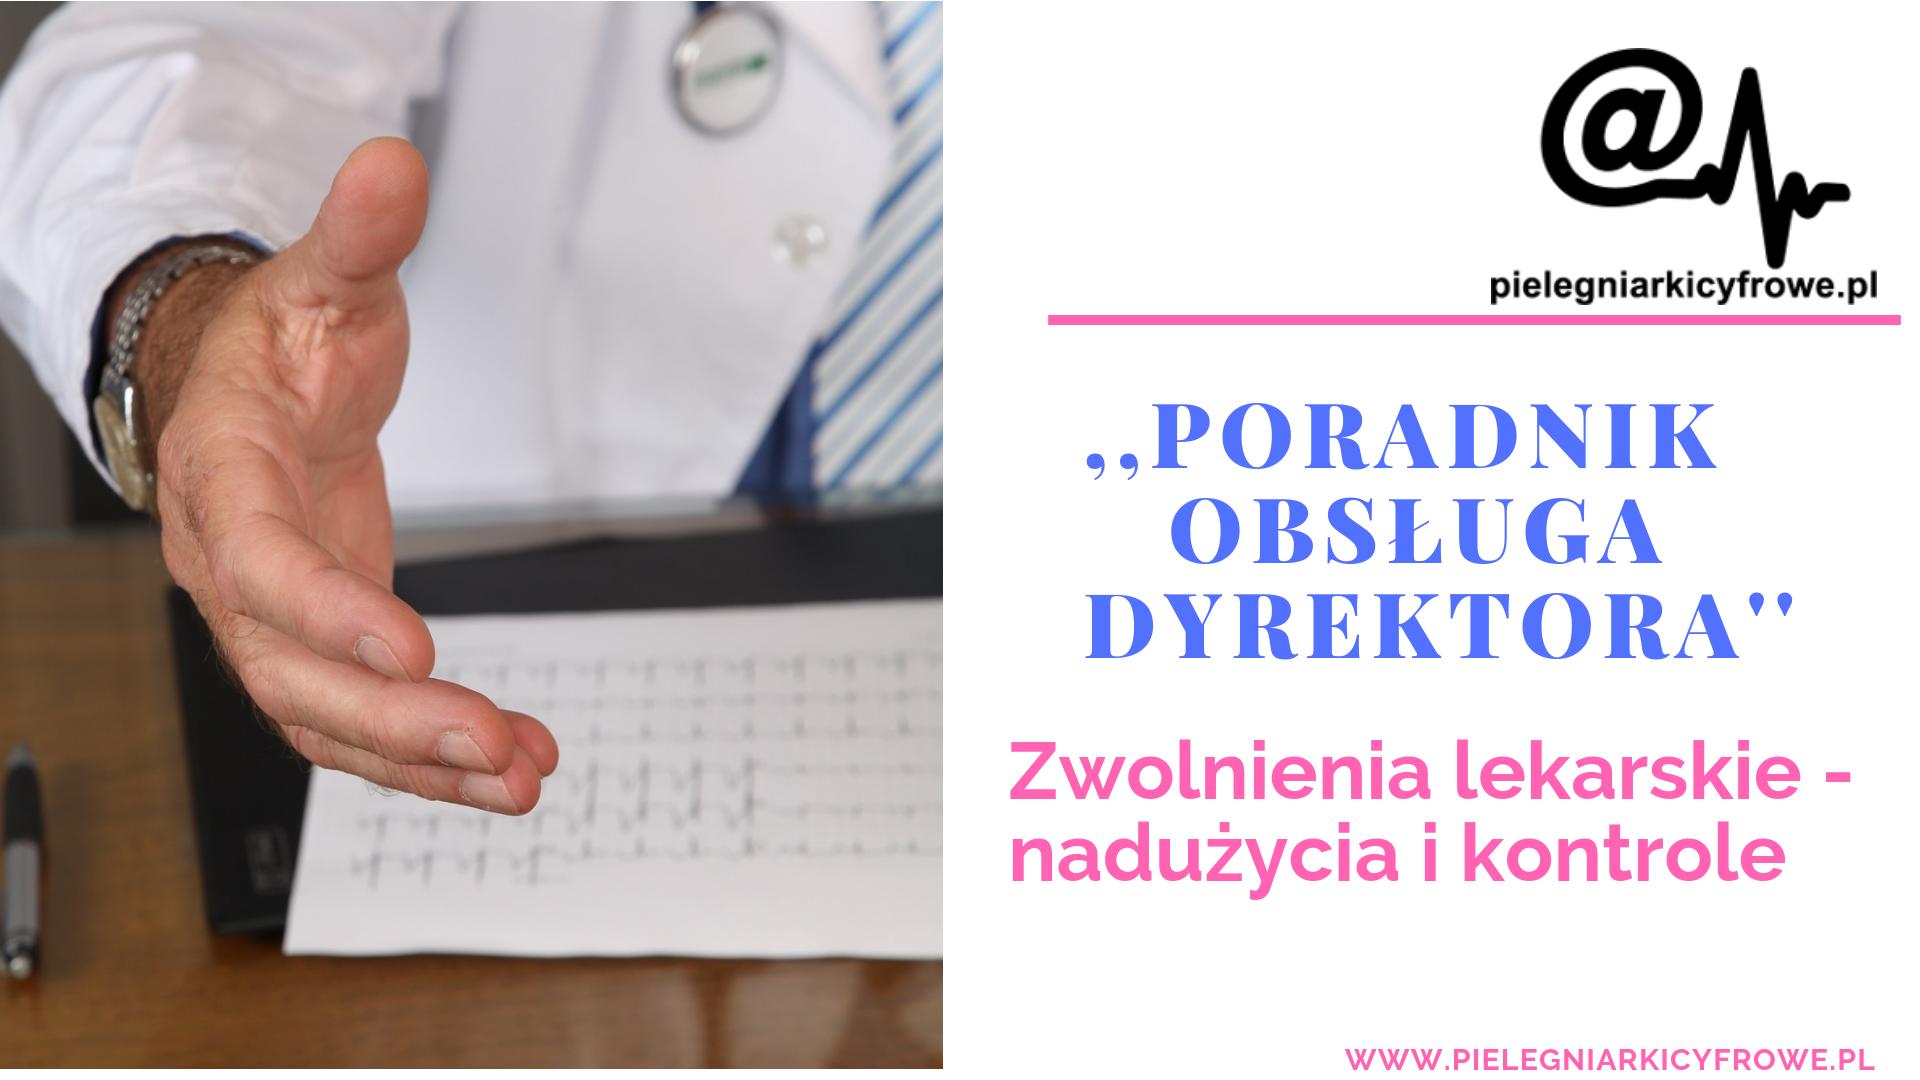 Zwolnienia lekarskie podczas urlopu. Nadużycia i kontrole